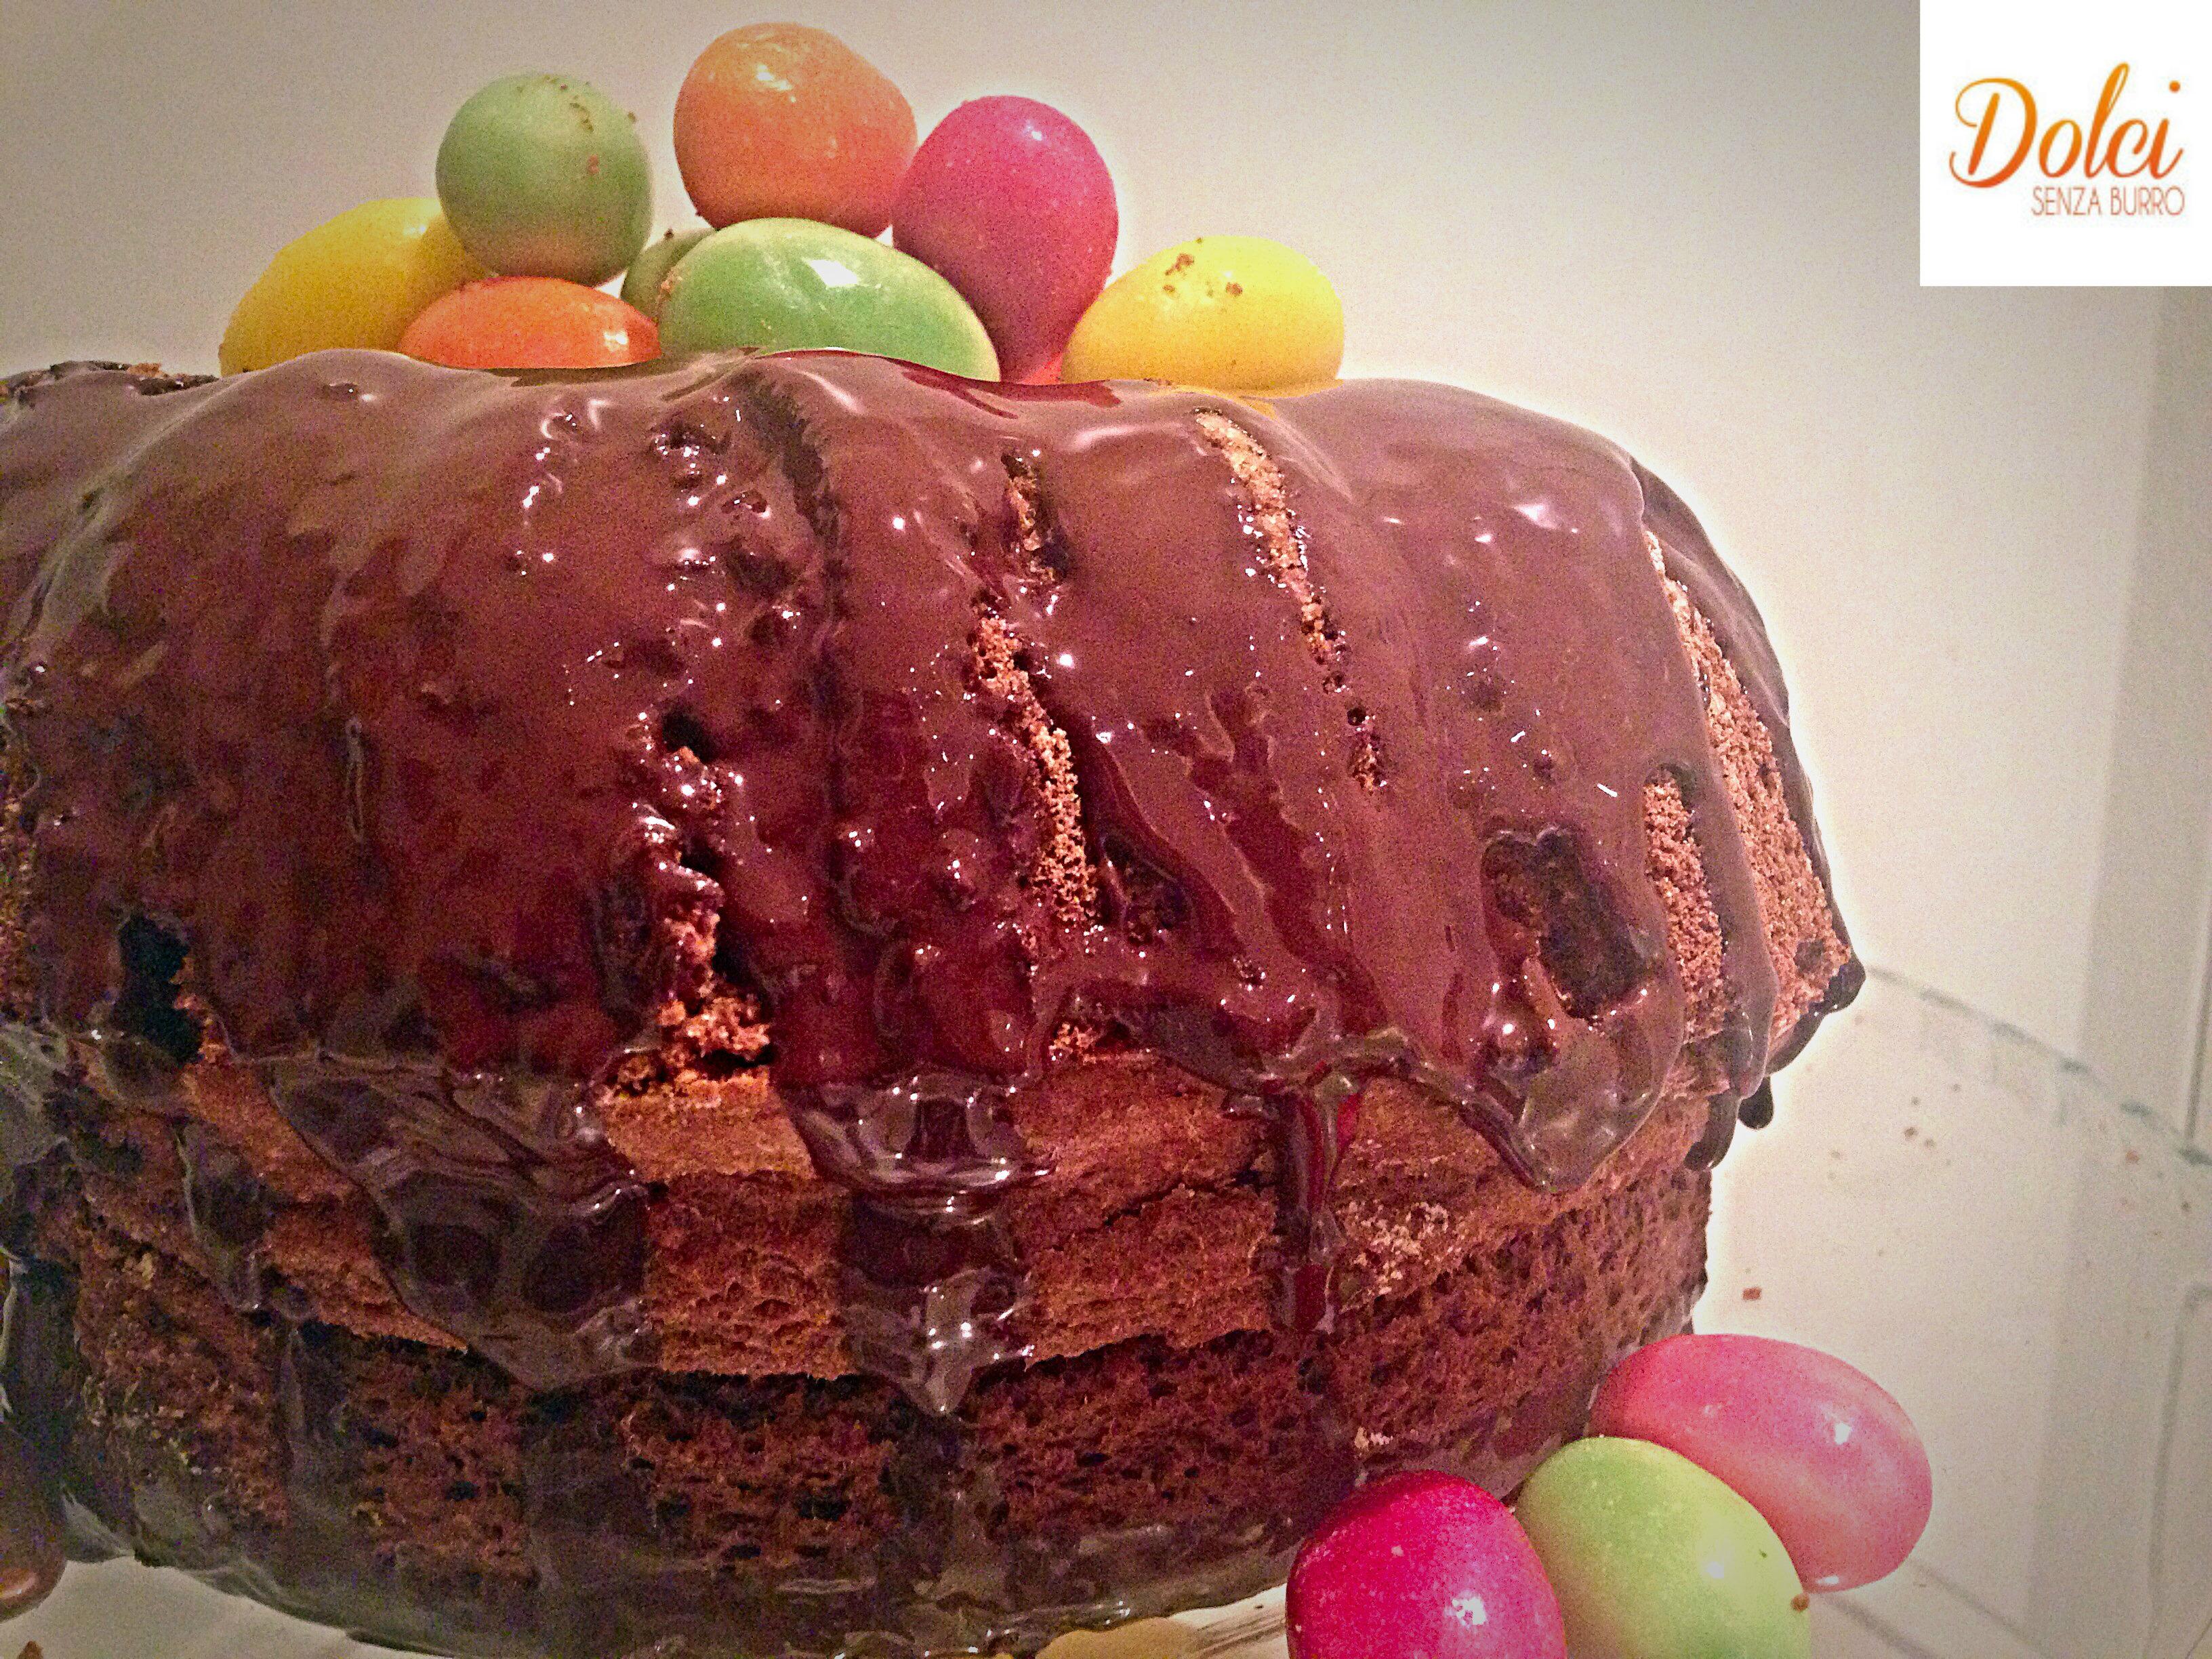 Torta di Pasqua Senza Burro, il dolce di pasqua goloso di Dolci senza burro